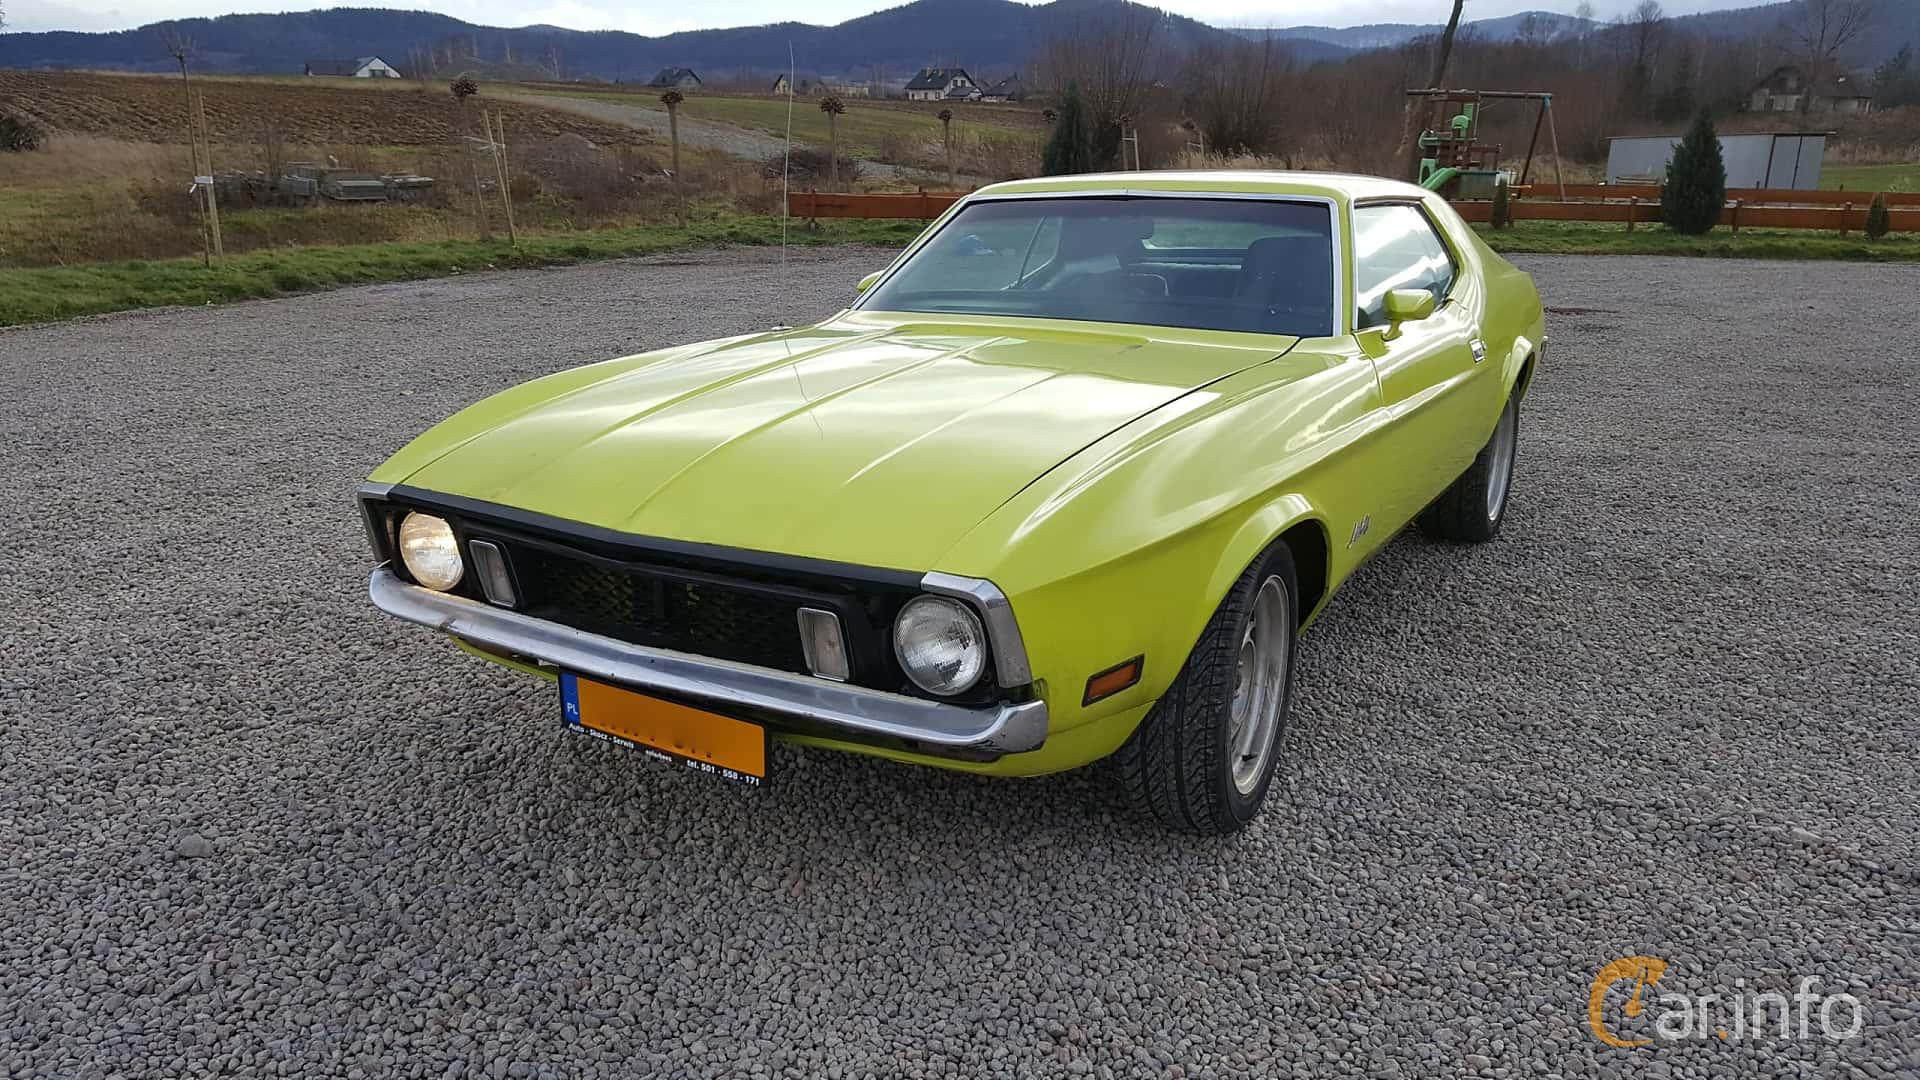 Ford Mustang Hardtop 4.9 V8 Automatisk, 137hk, 1972